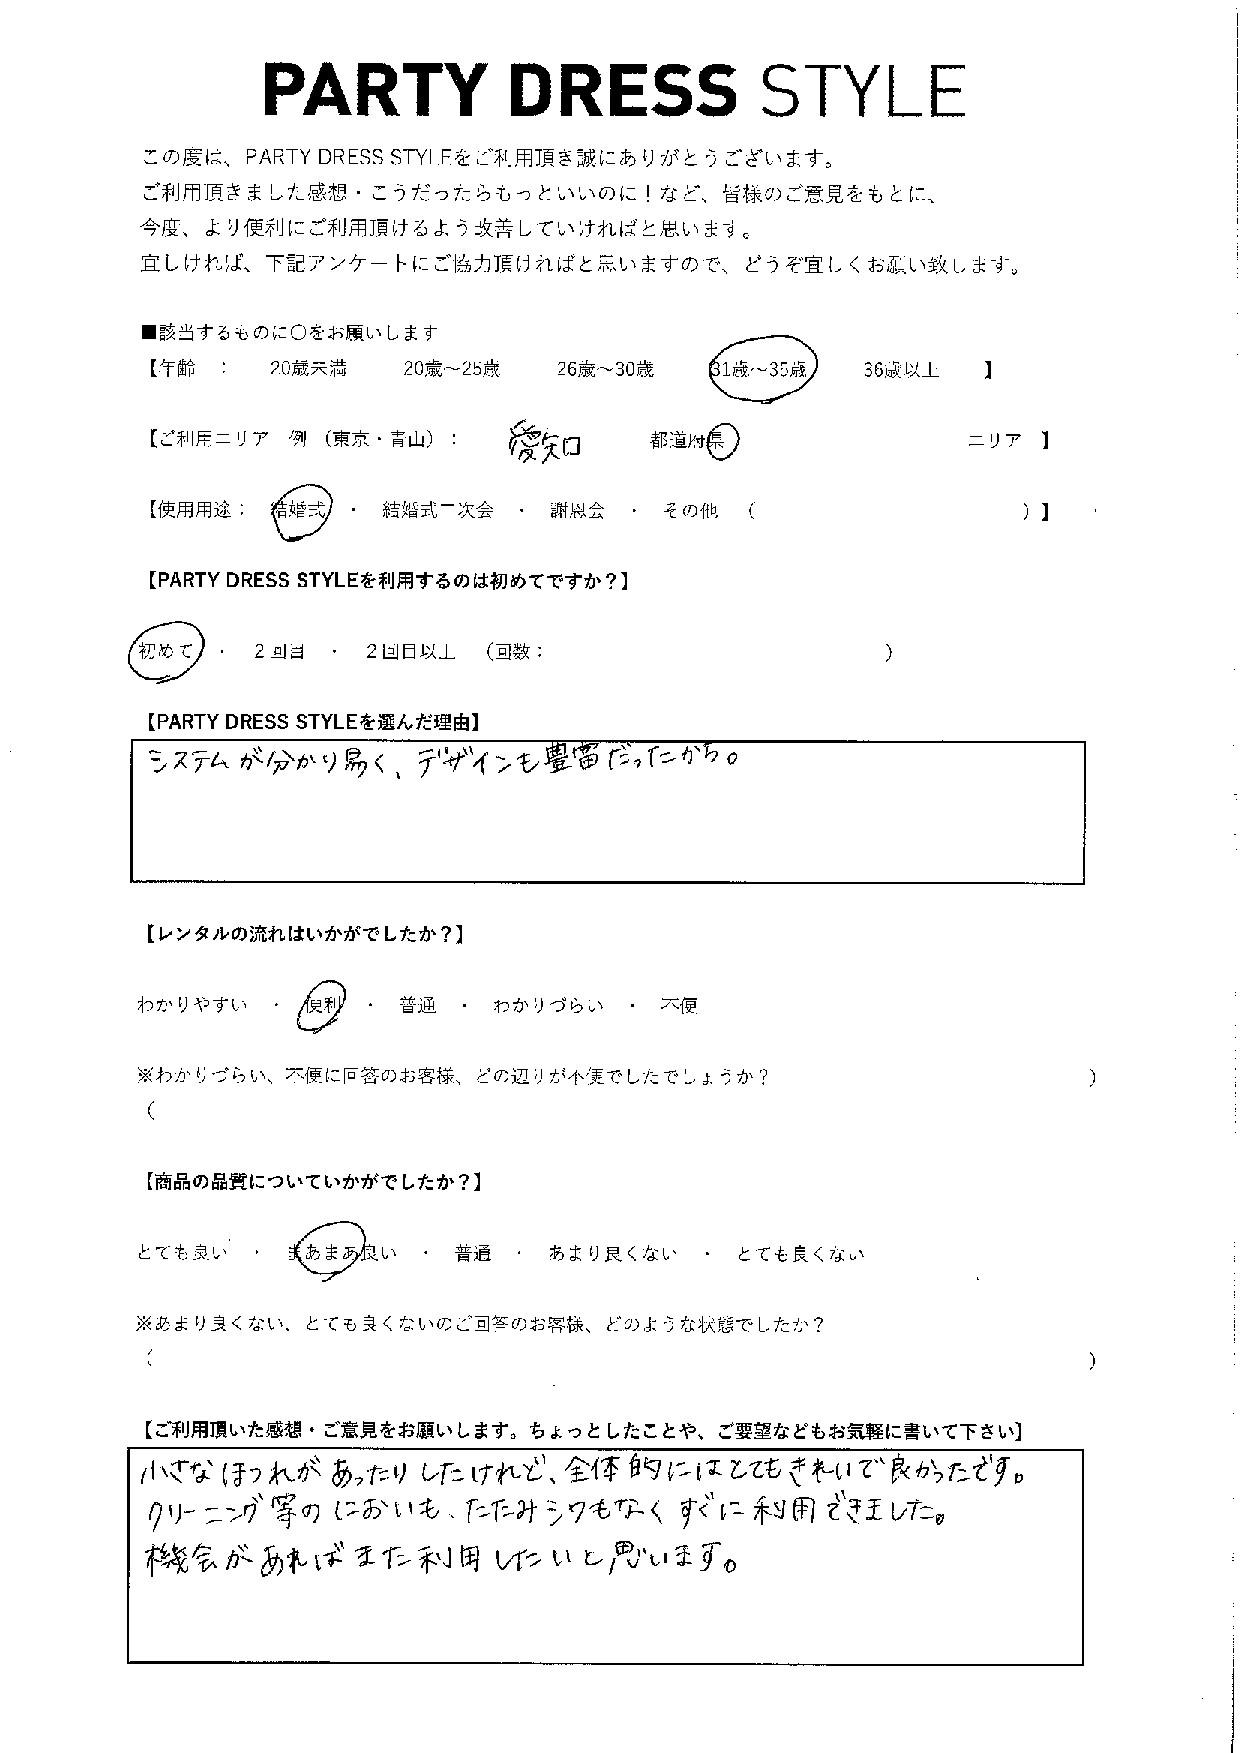 11/3結婚式ご利用 愛知エリア